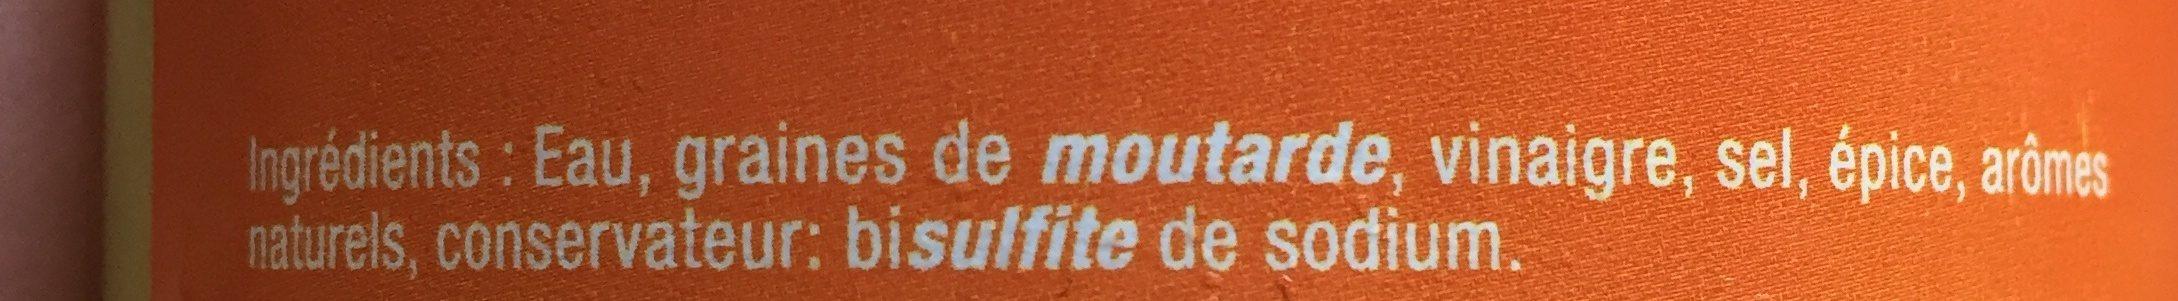 Moutarde d'Alsace mi-forte - Ingredients - fr